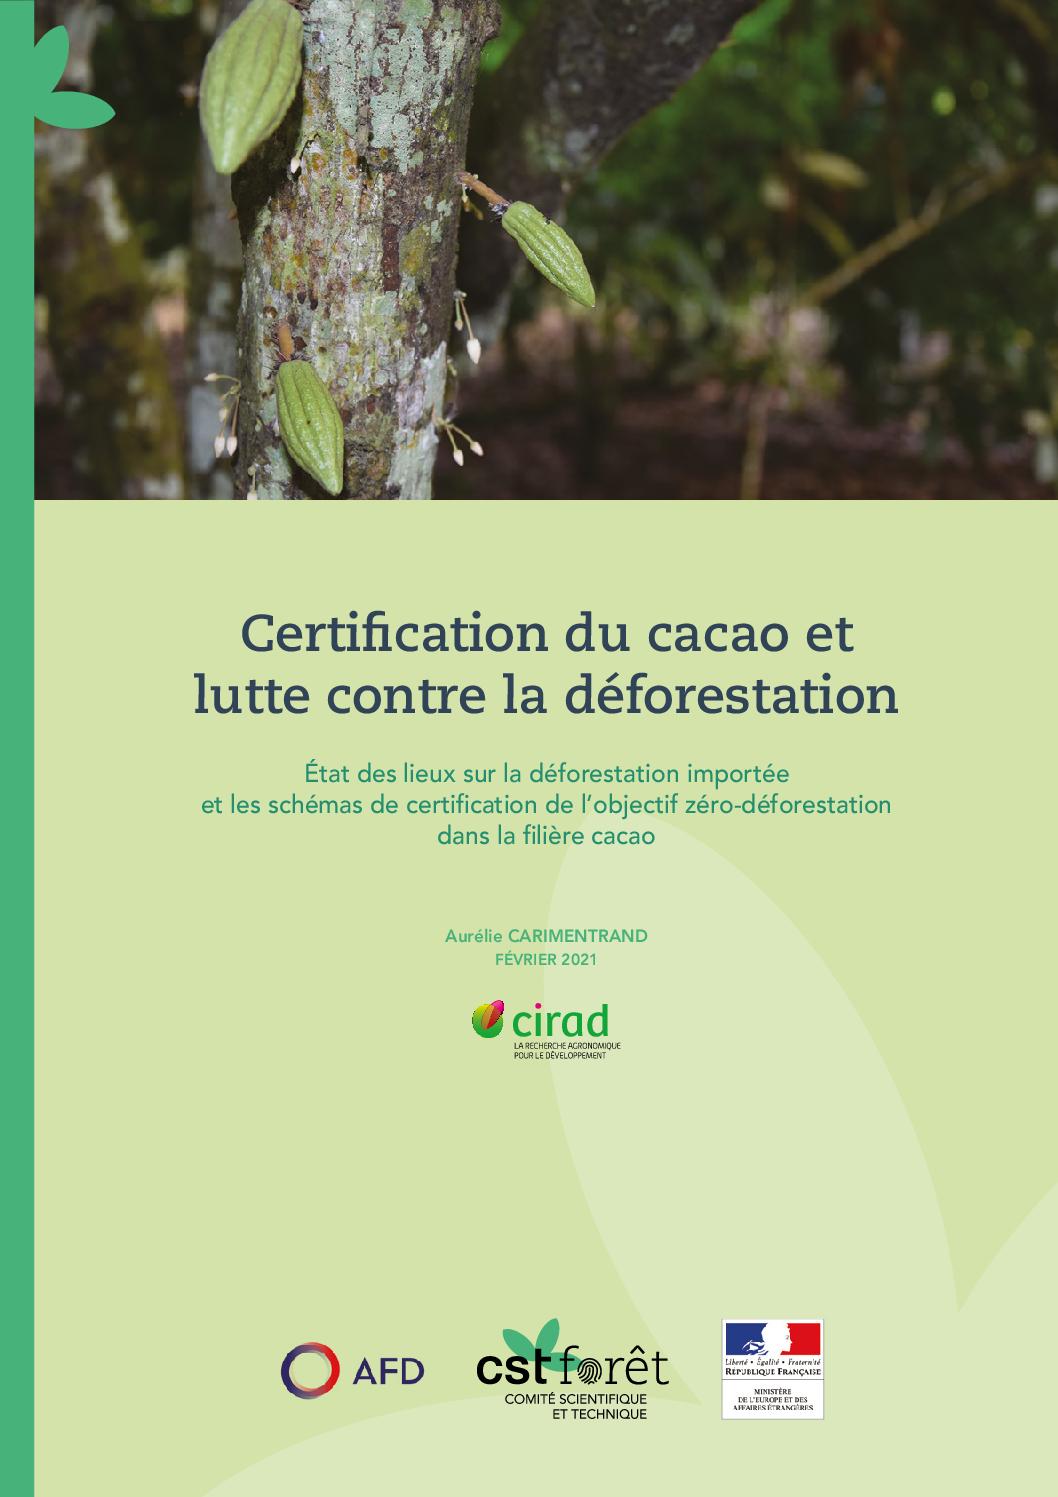 rapport-detude-certification-du-cacao-et-lutte-contre-la-deforestation